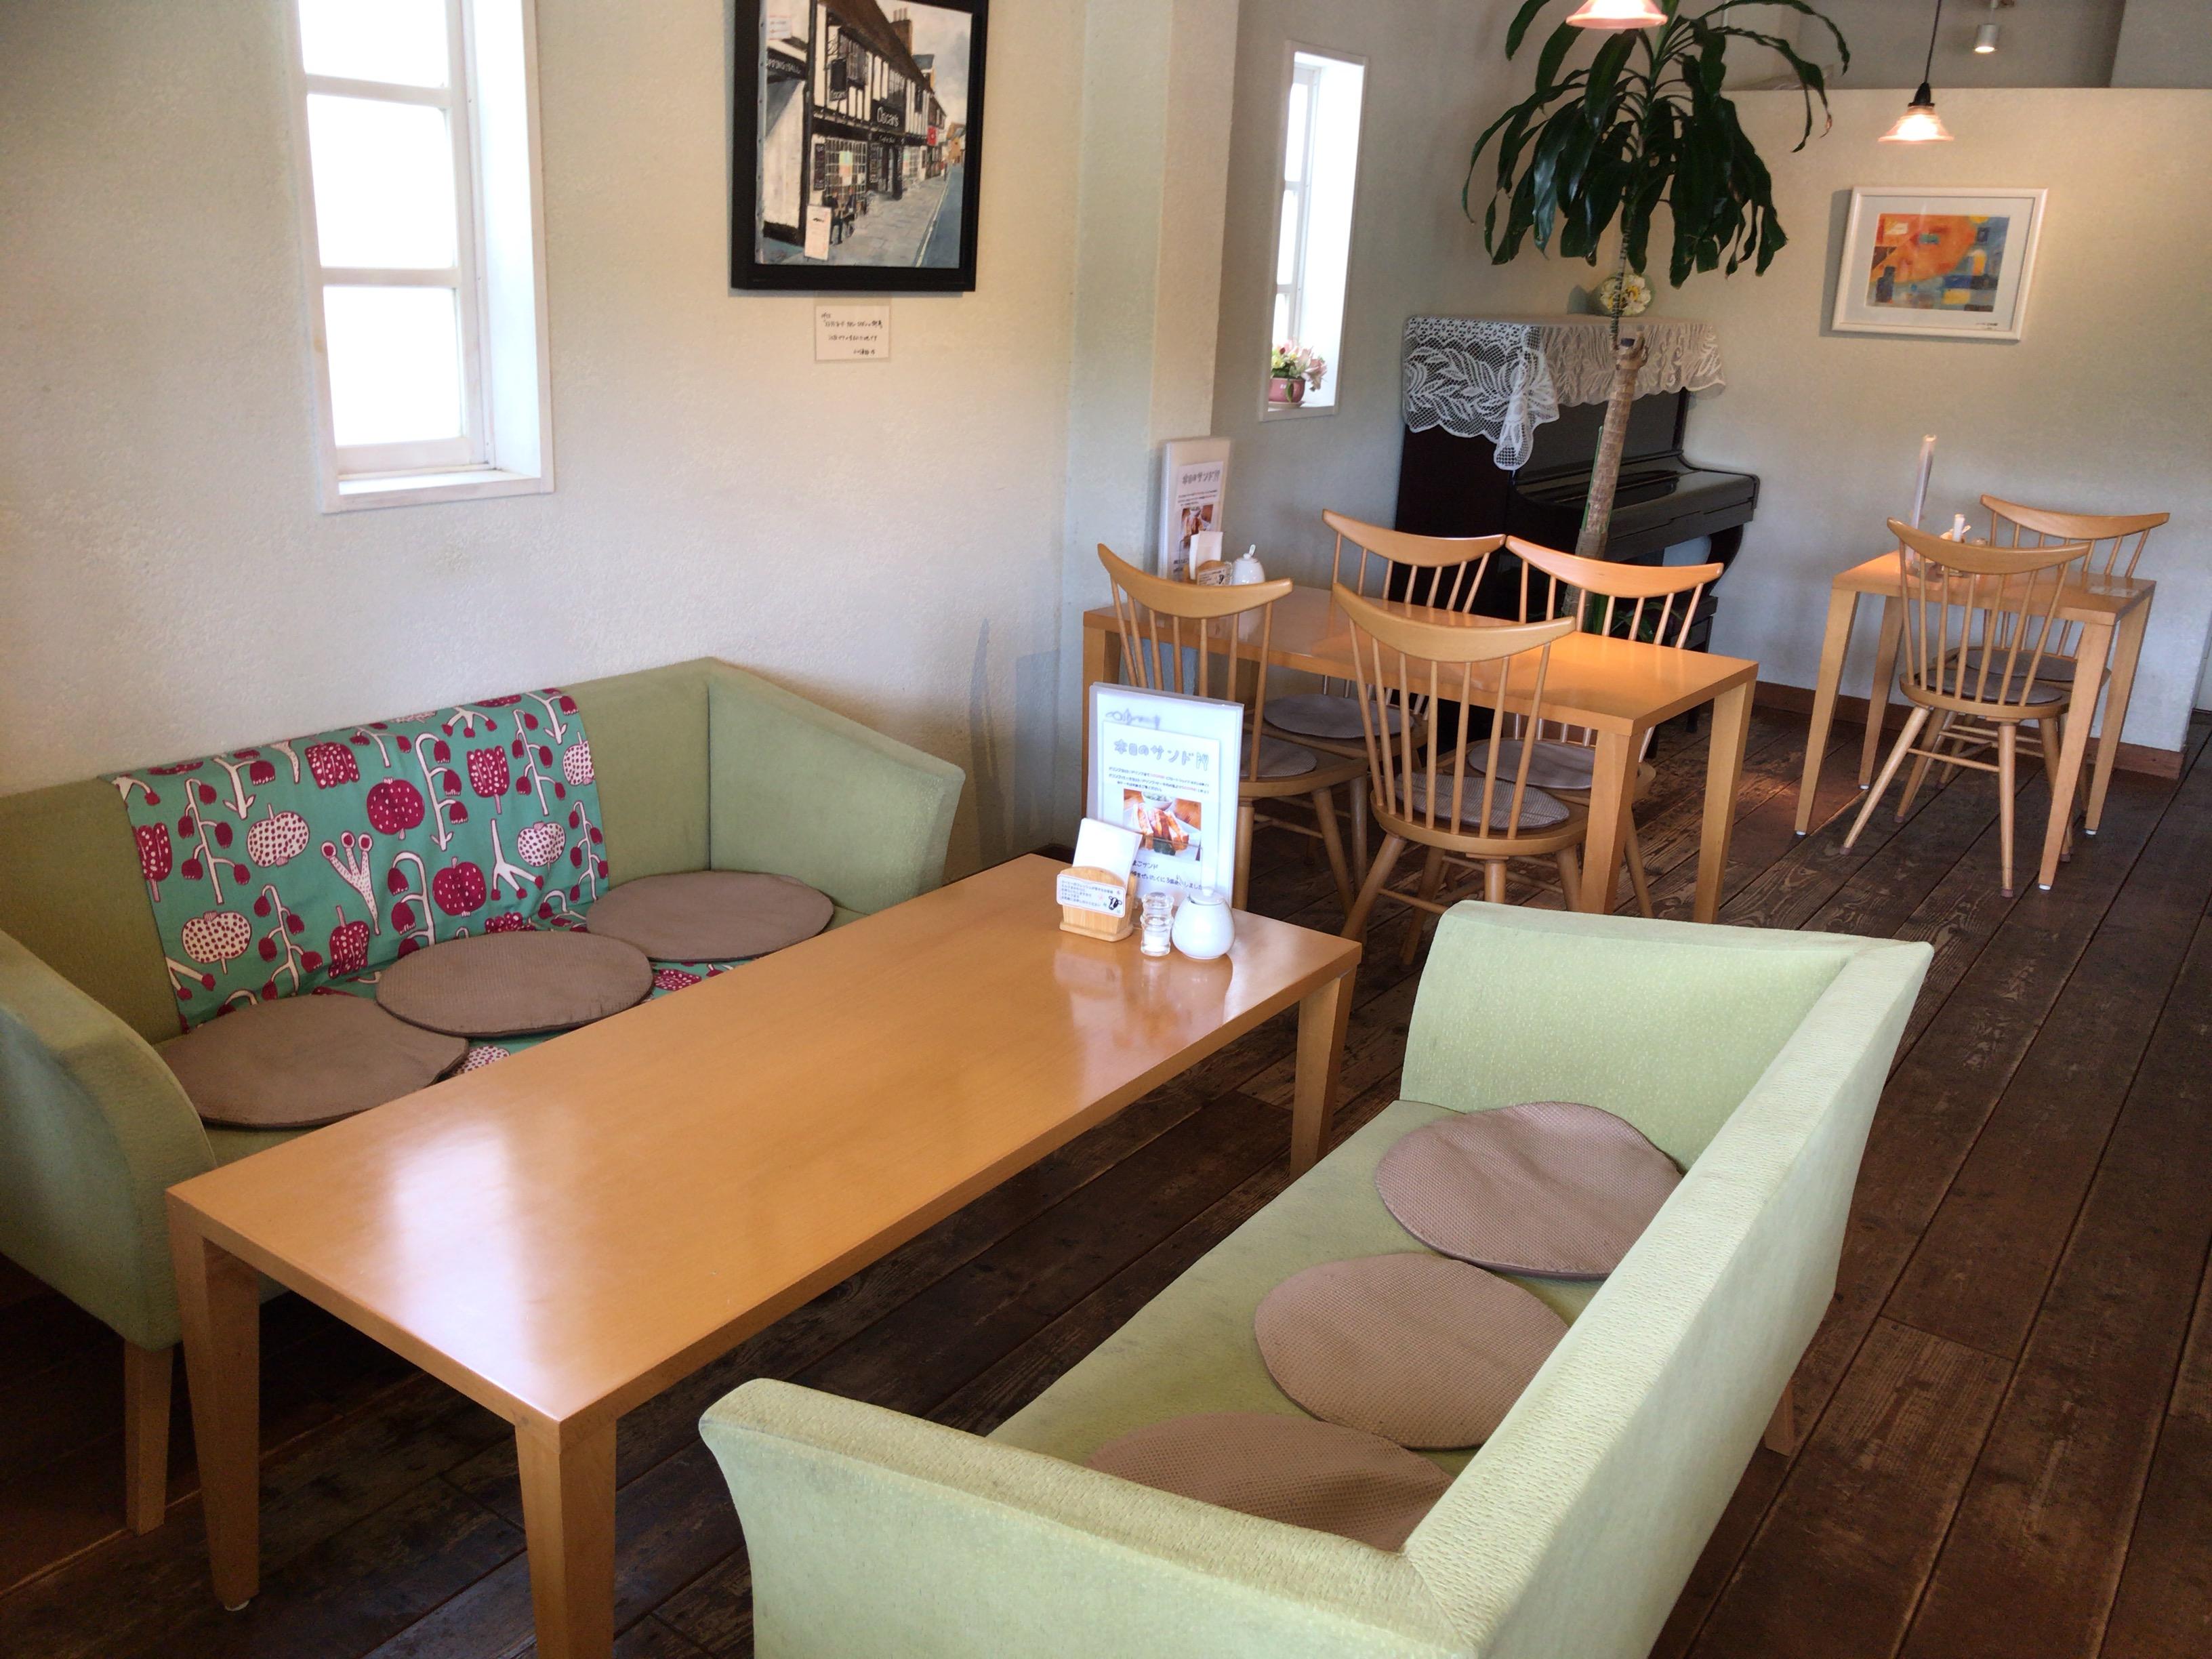 田原本のカフェ朝日堂のソファー席